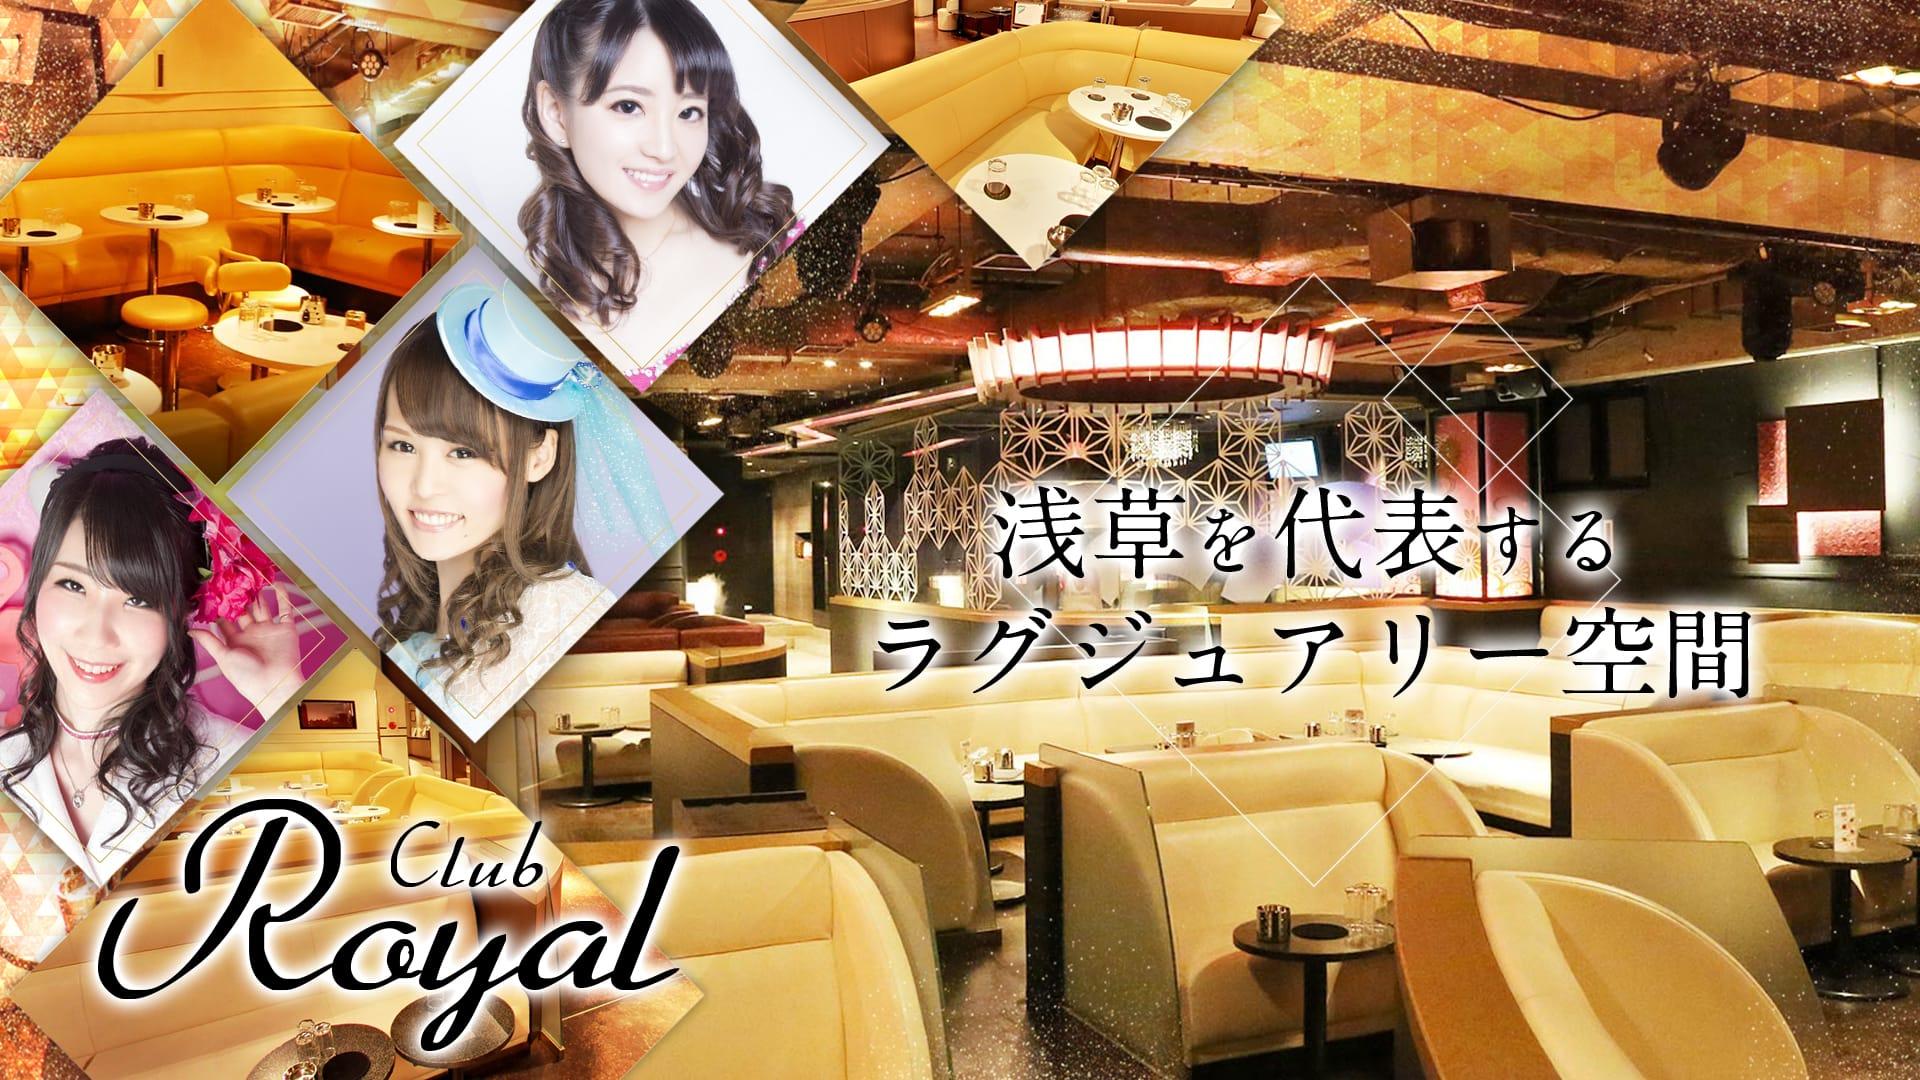 CLUB Royal(クラブ ロイヤル) 上野キャバクラ TOP画像